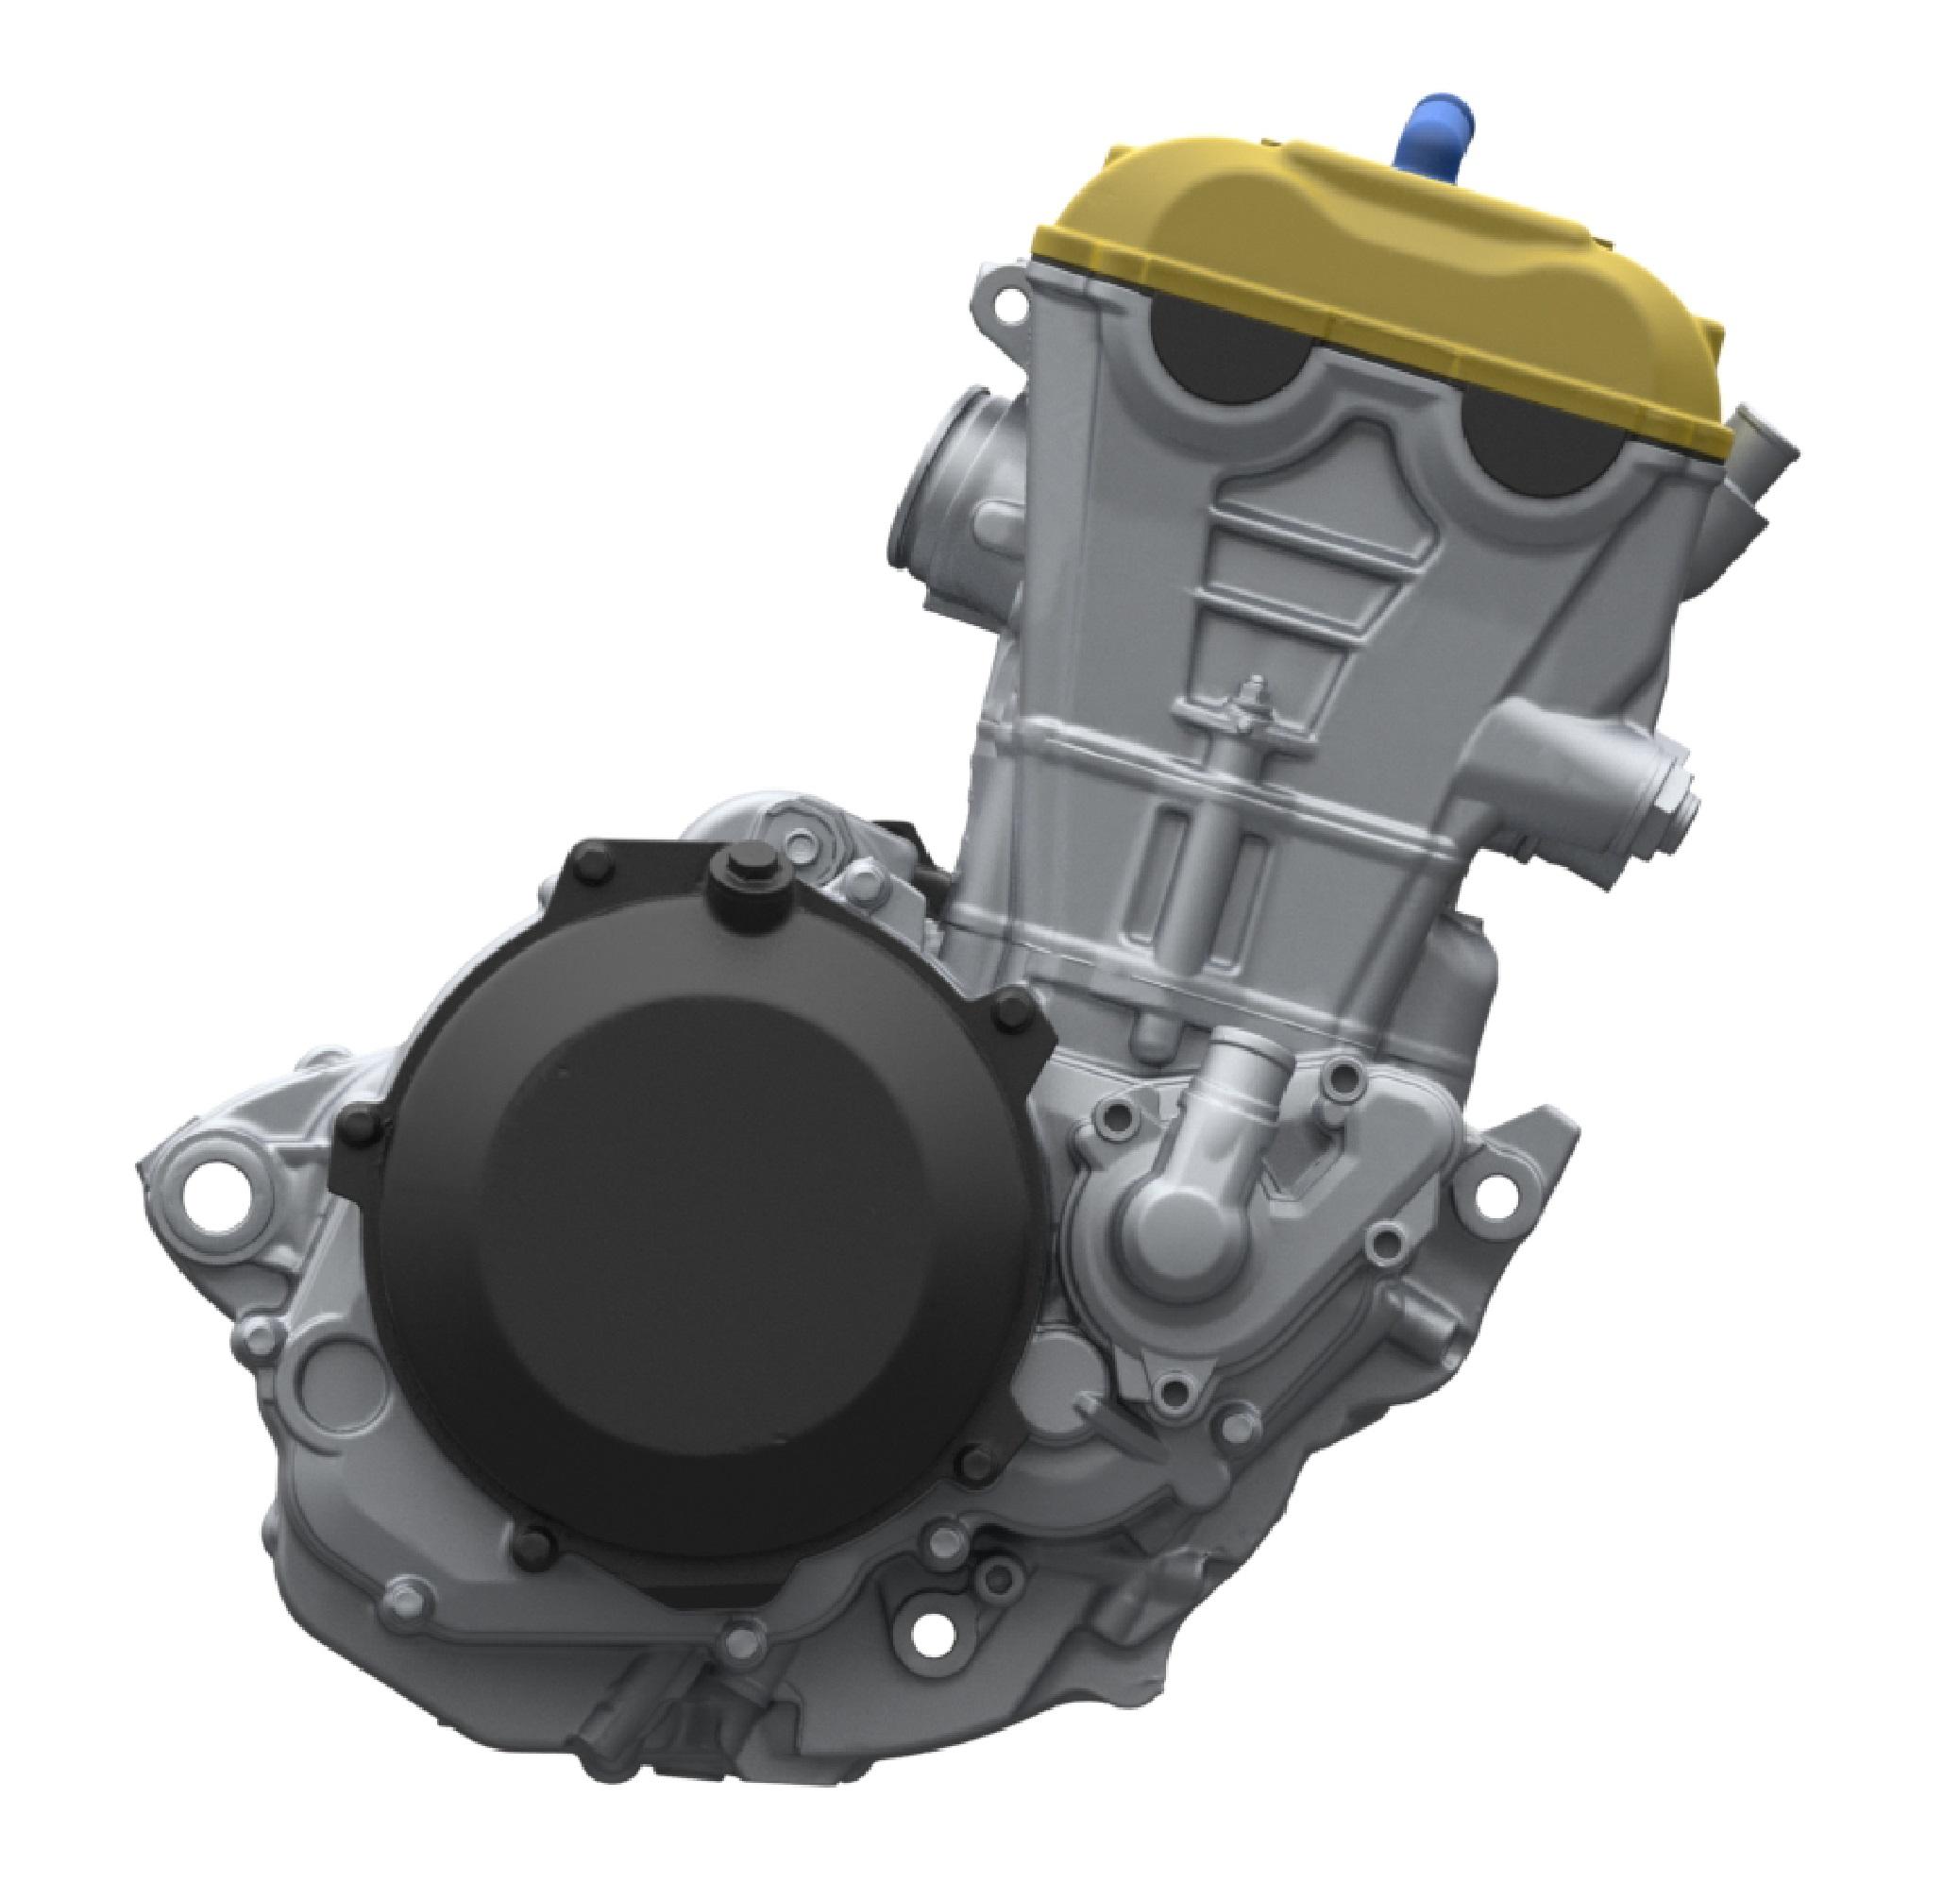 2013 KTM 350SFX